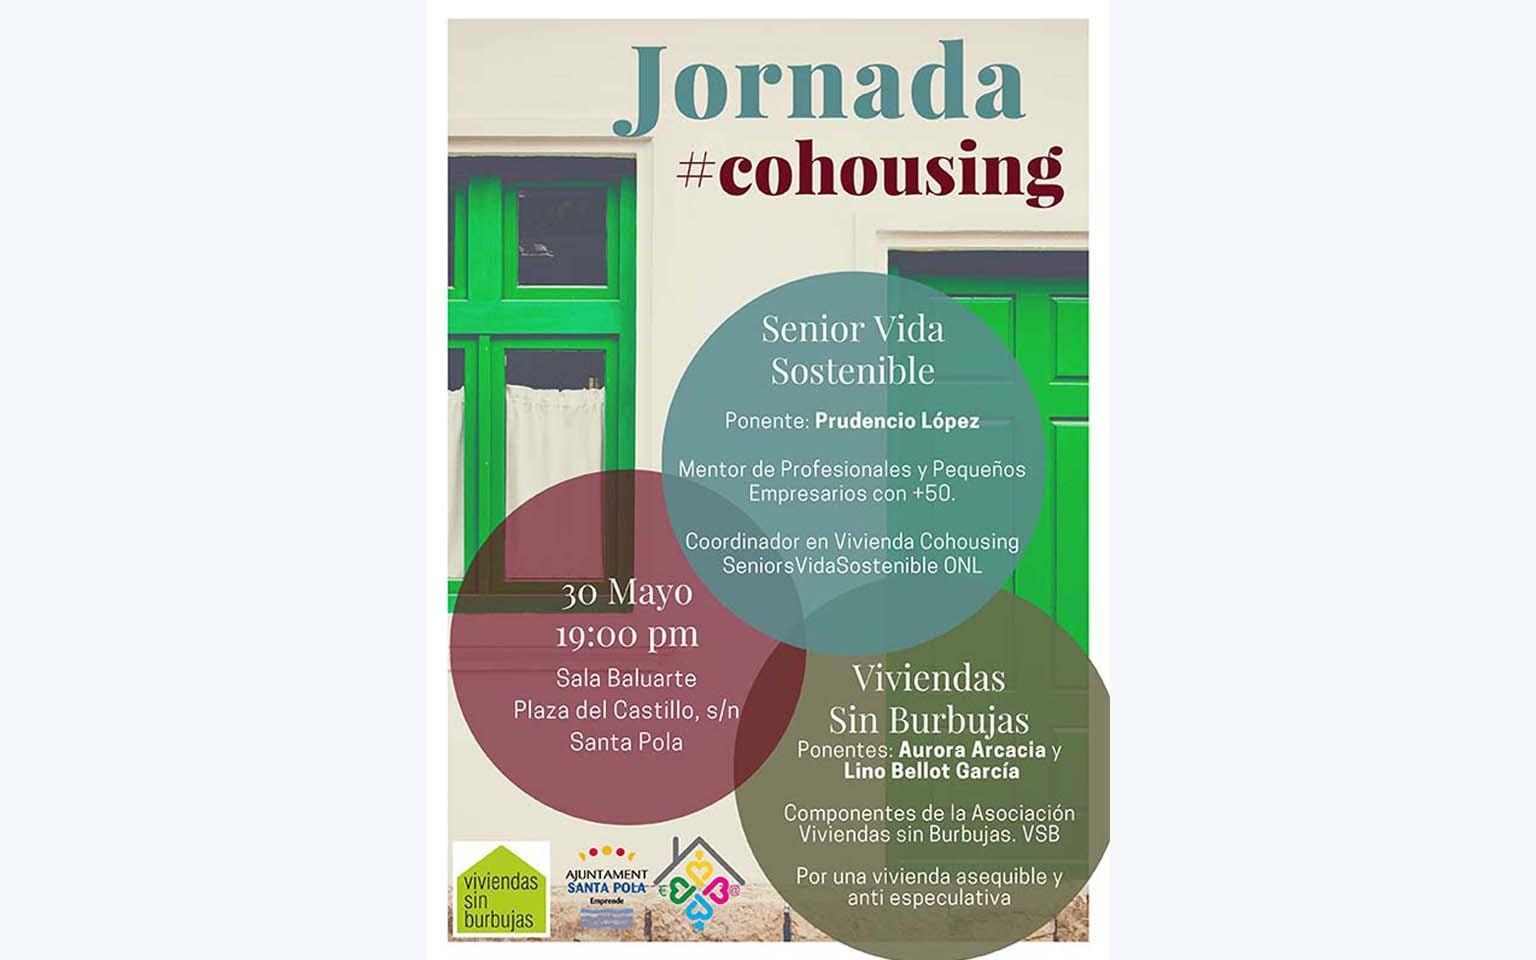 El ayuntamiento de Santa Pola, a través del Servicio Emprende Santa Pola, organiza  «Jornada Cohousing» en Santa Pola.